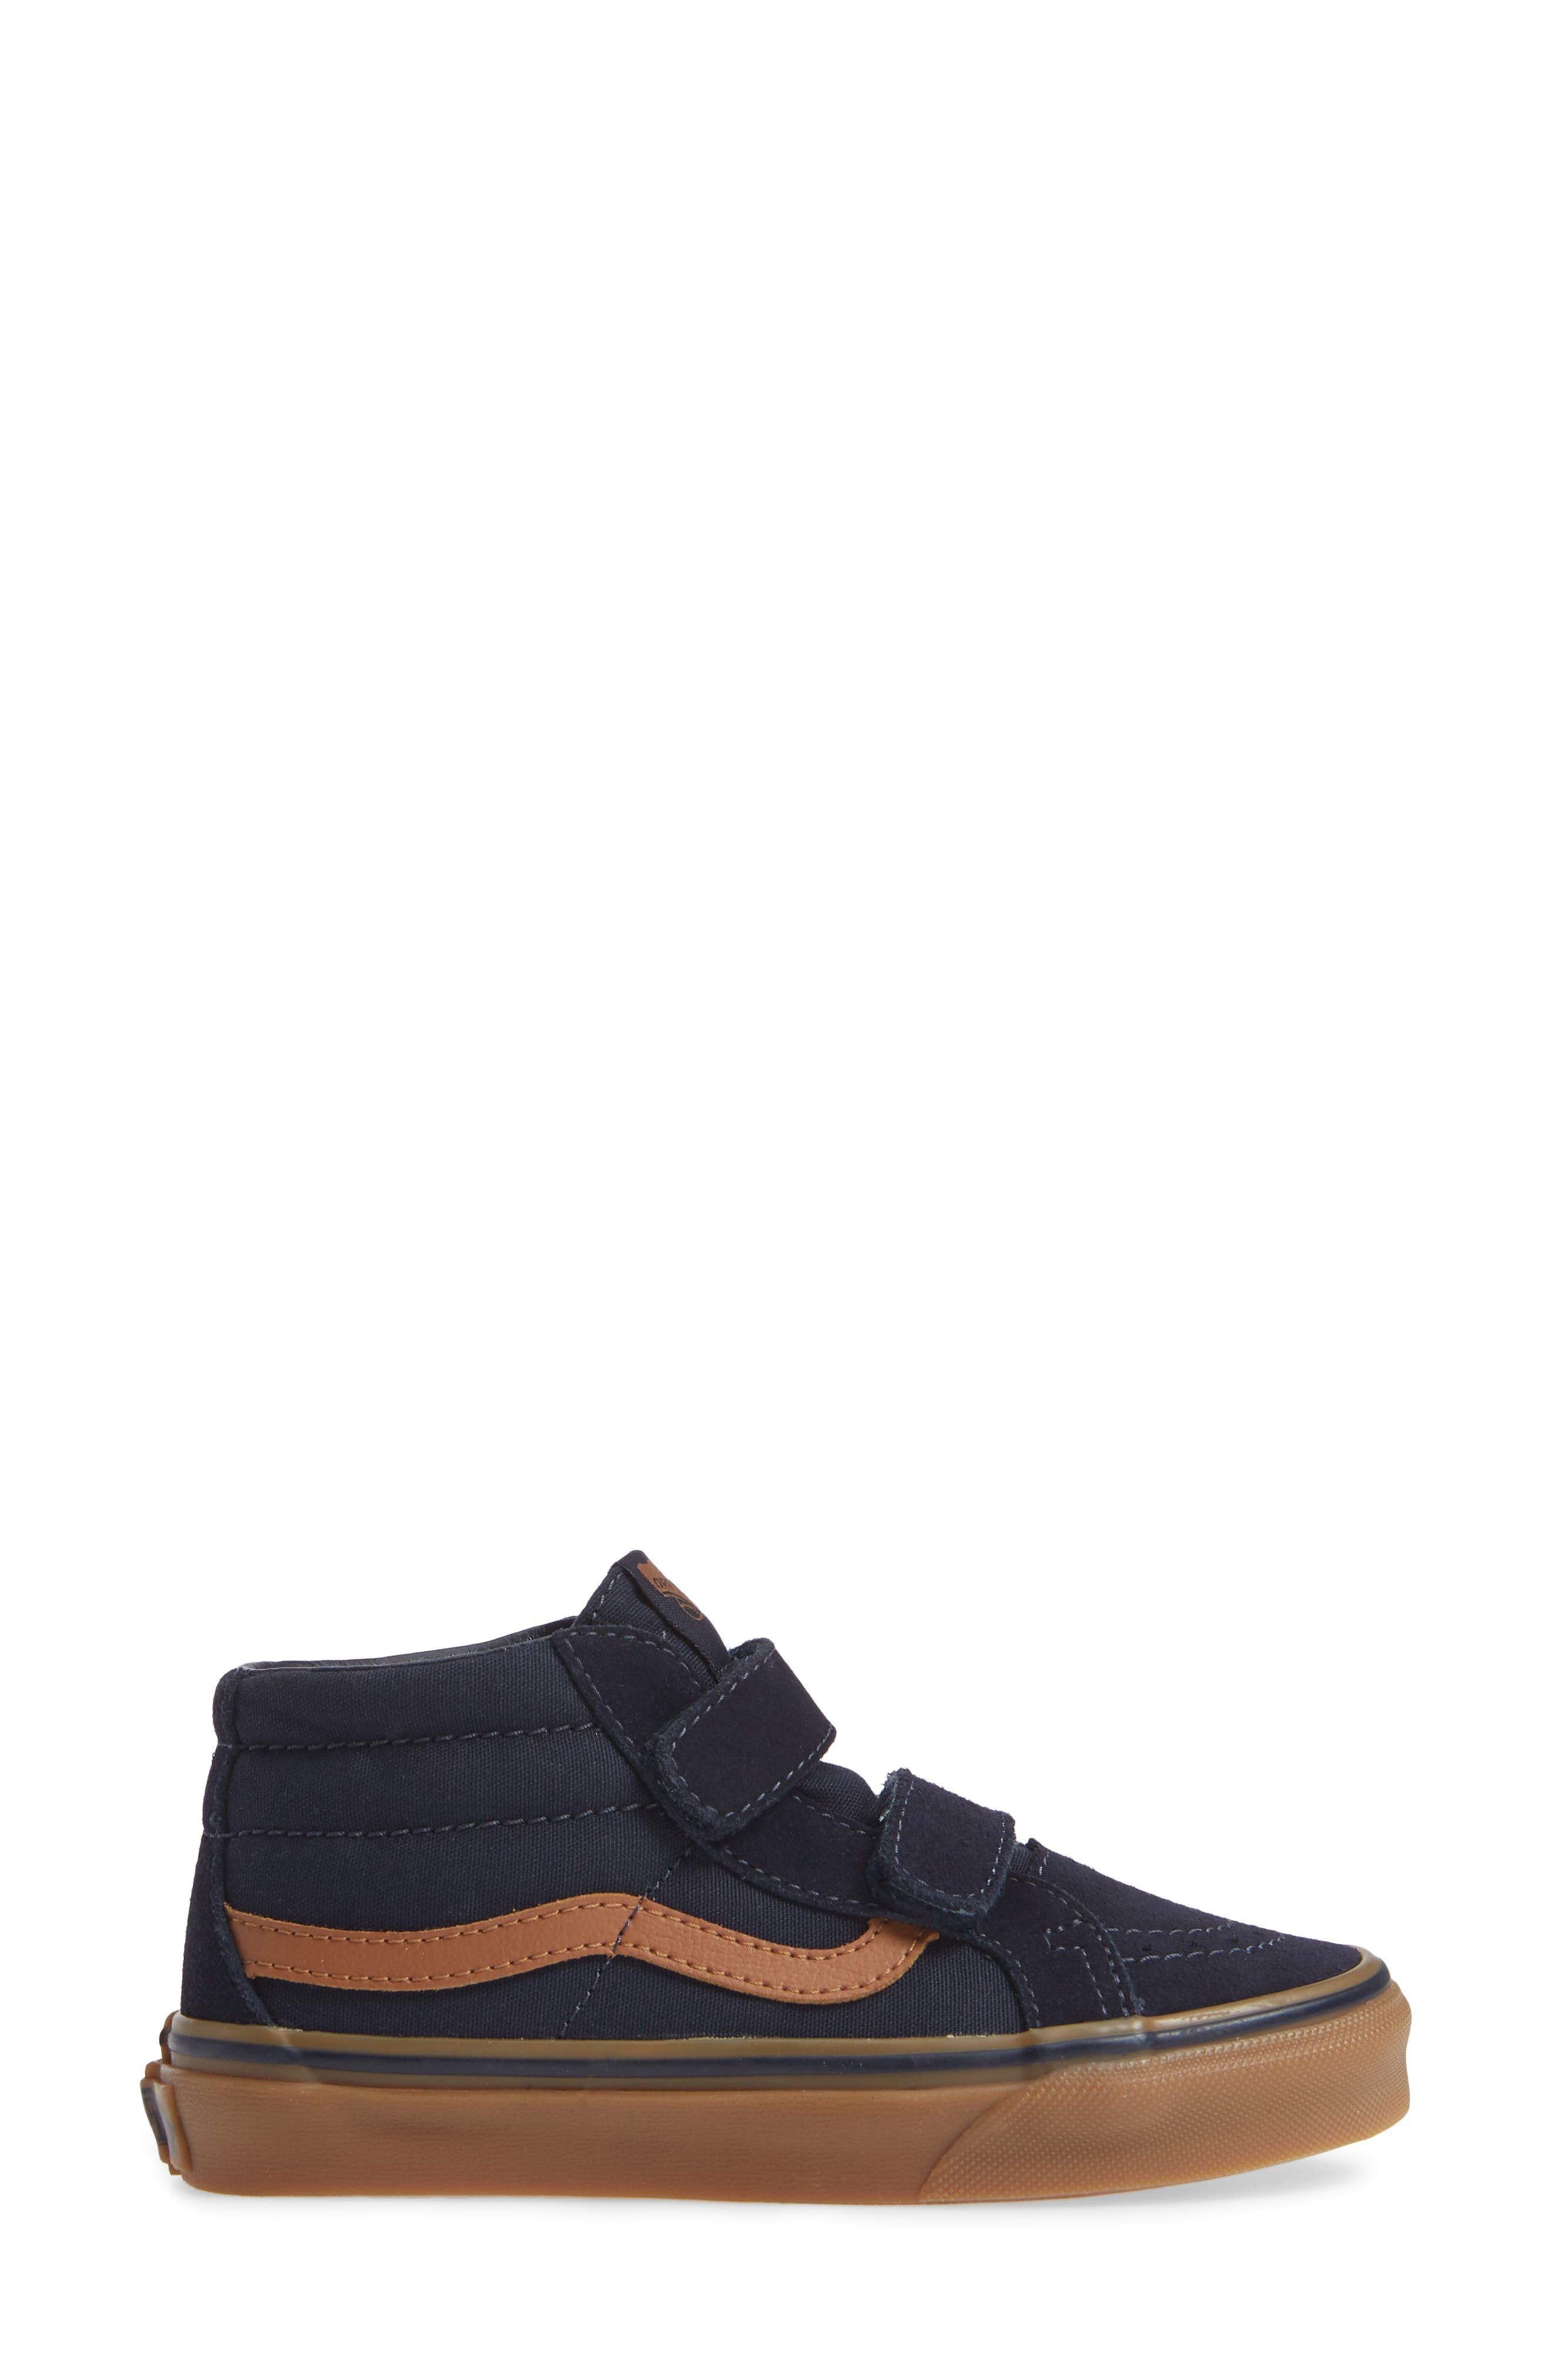 Sk8-Mid Reissue V Sneaker,                             Alternate thumbnail 3, color,                             SKY CAPTAIN/ GUM